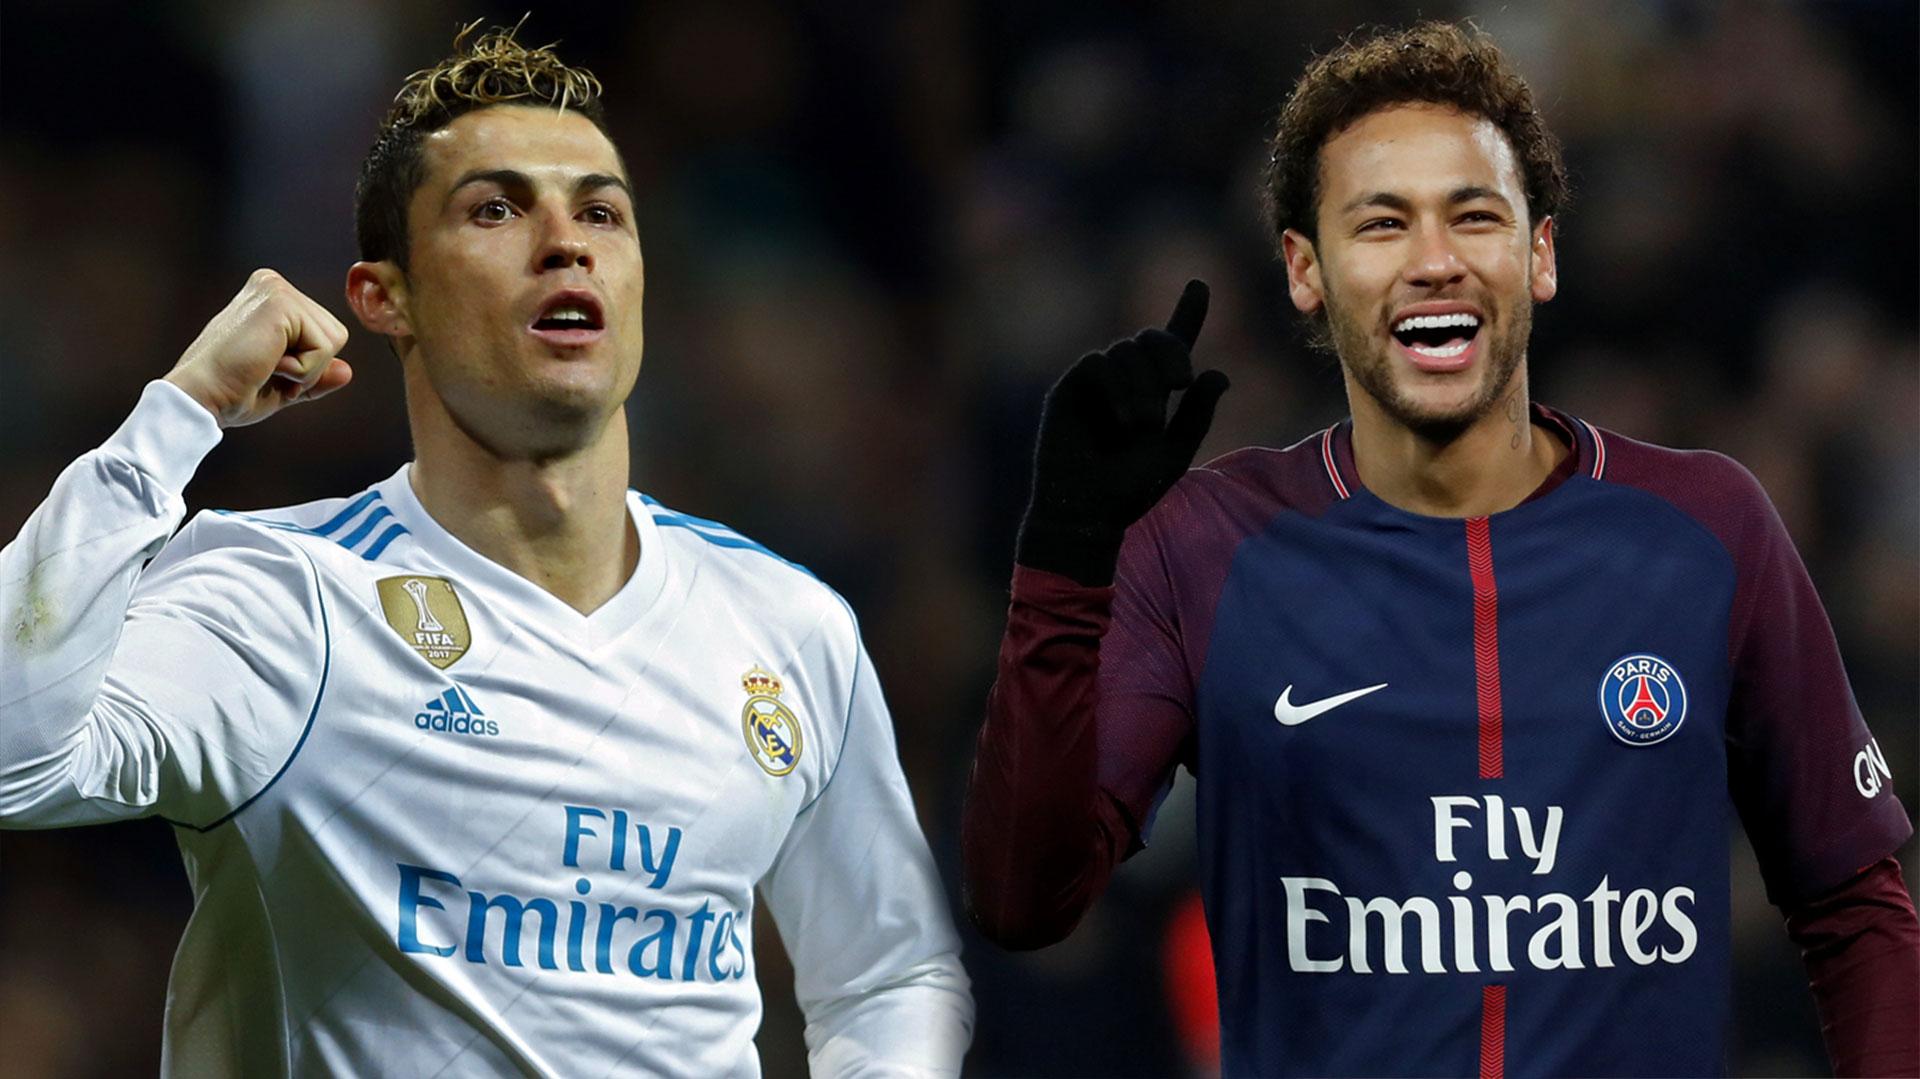 Cristiano Ronaldo y Neymar son las máximas figuras del Real Madrid y el Paris Saint Germain, rivales en los octavos de final de la Champions League (AP)